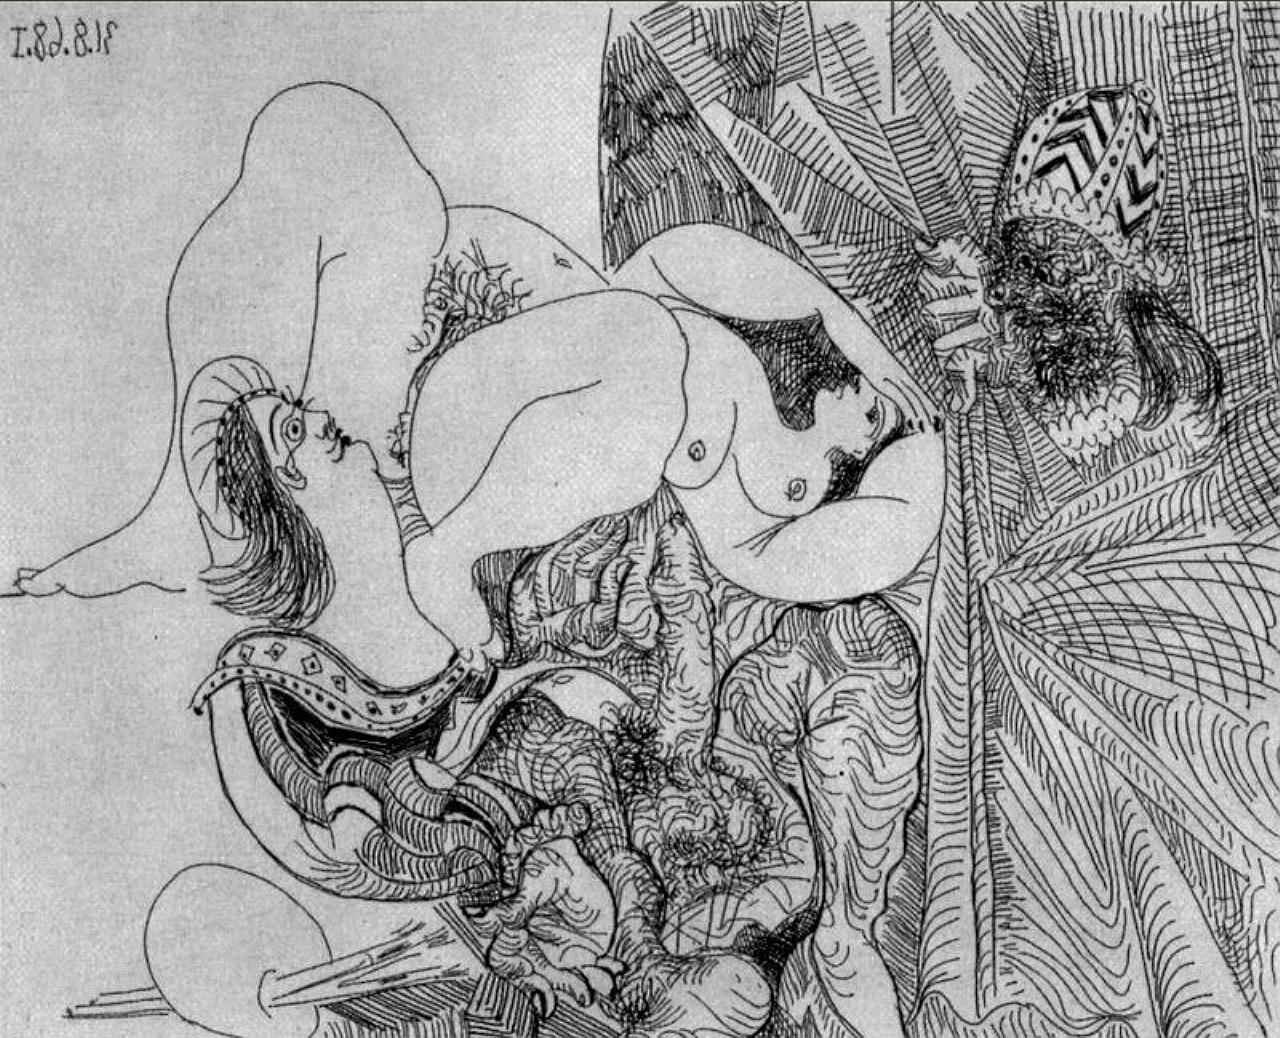 Эротика рисунка эстампа гравюры 10 фотография